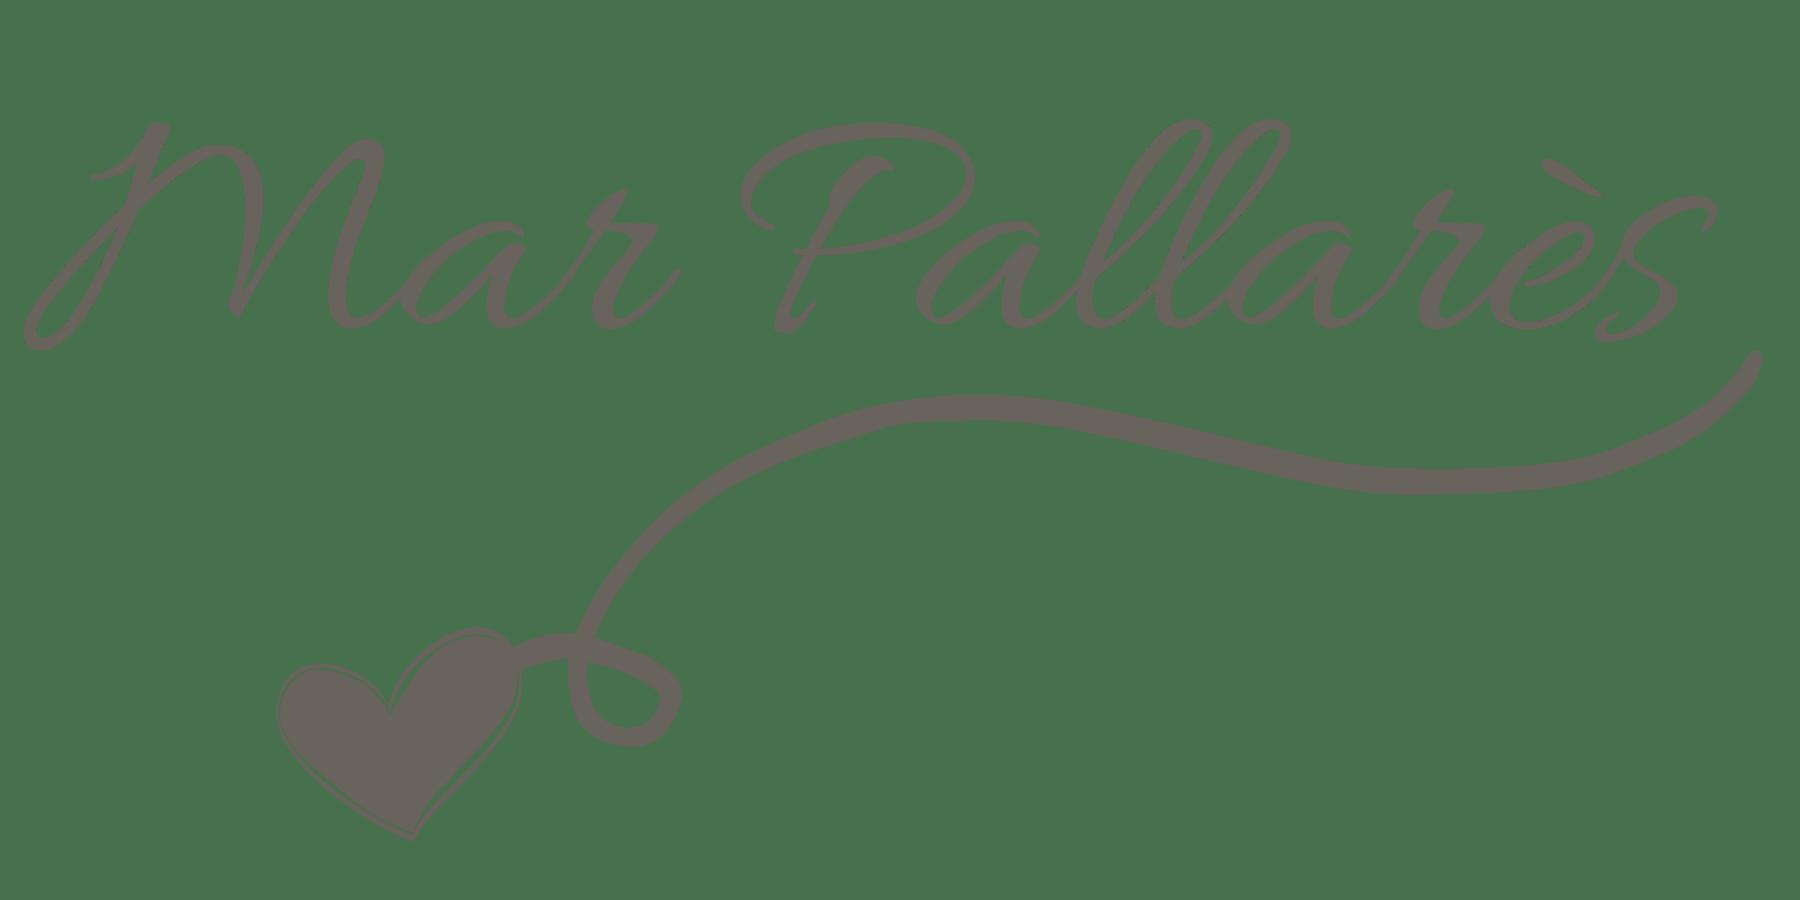 MAR PALLARÈS